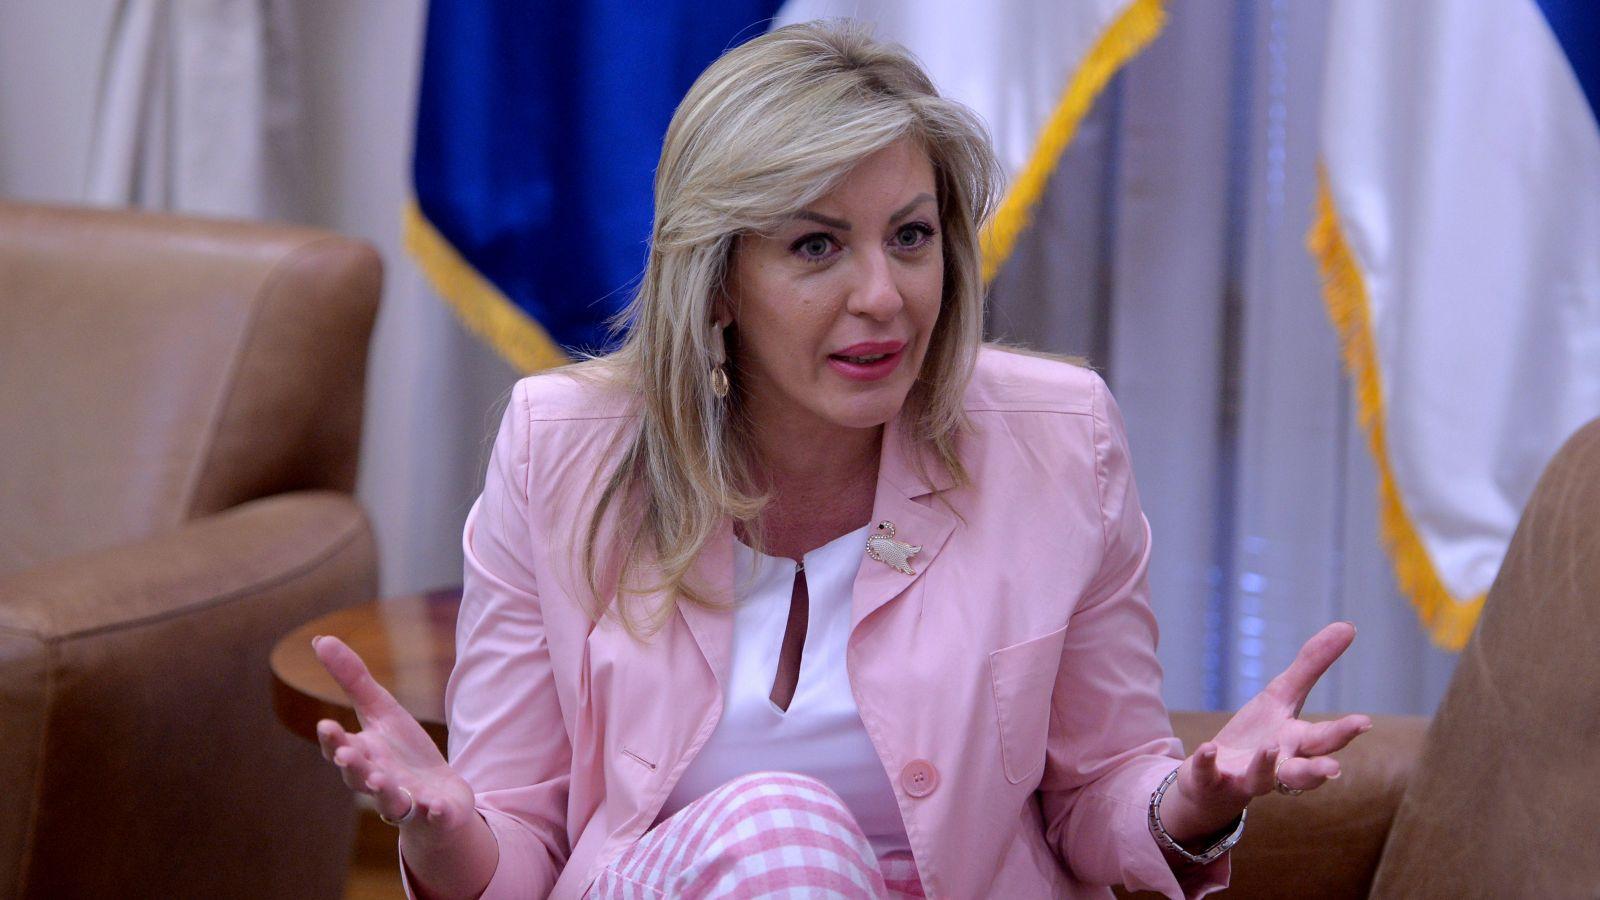 Ј. Јоксимовић: Очекујем напредак Србије током немачког председавања